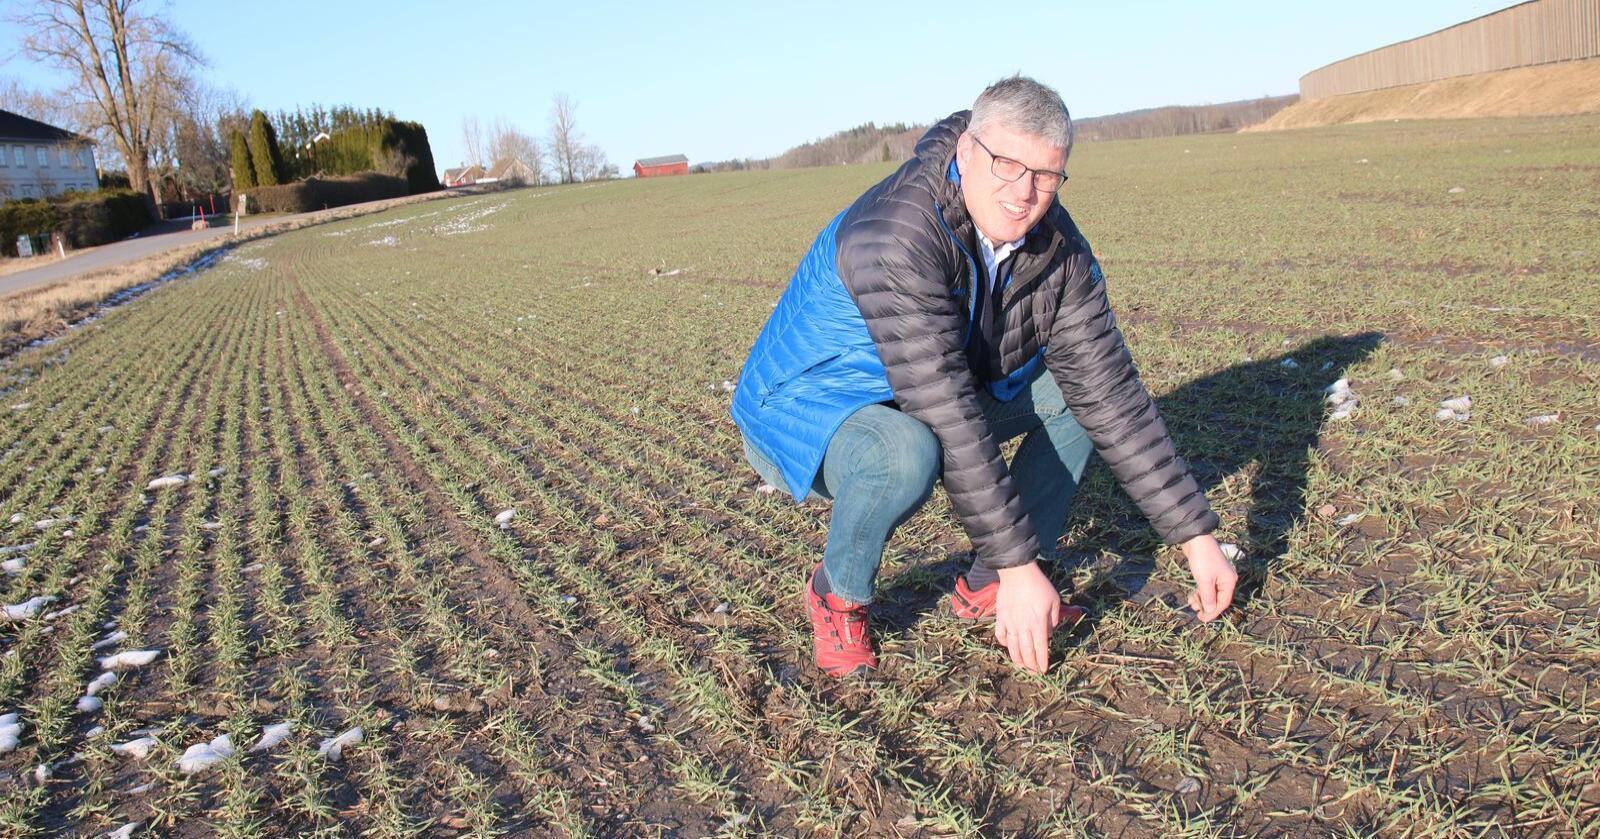 Høstbygget ser bra ut hos Oddbjørn Rød etter den milde vinteren. – Vinterbygget ble sådd tidlig og jeg regner med å treske mellom 20. juli og 1. august, sier Rød. (Foto: Lars Olav Haug)